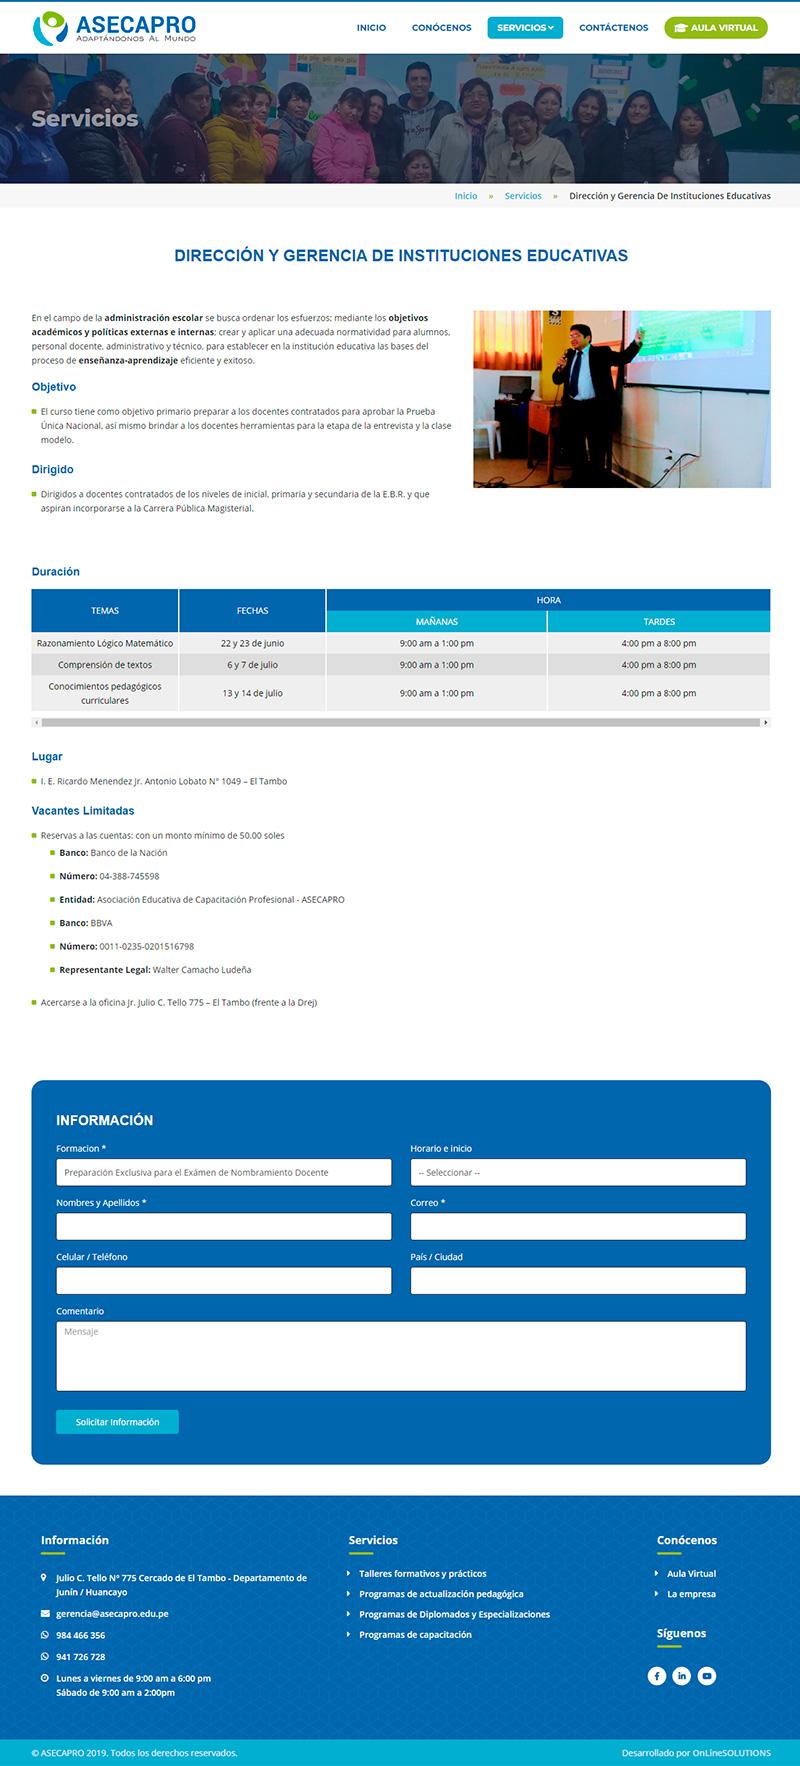 ASECAPRO - Detalle del servicio